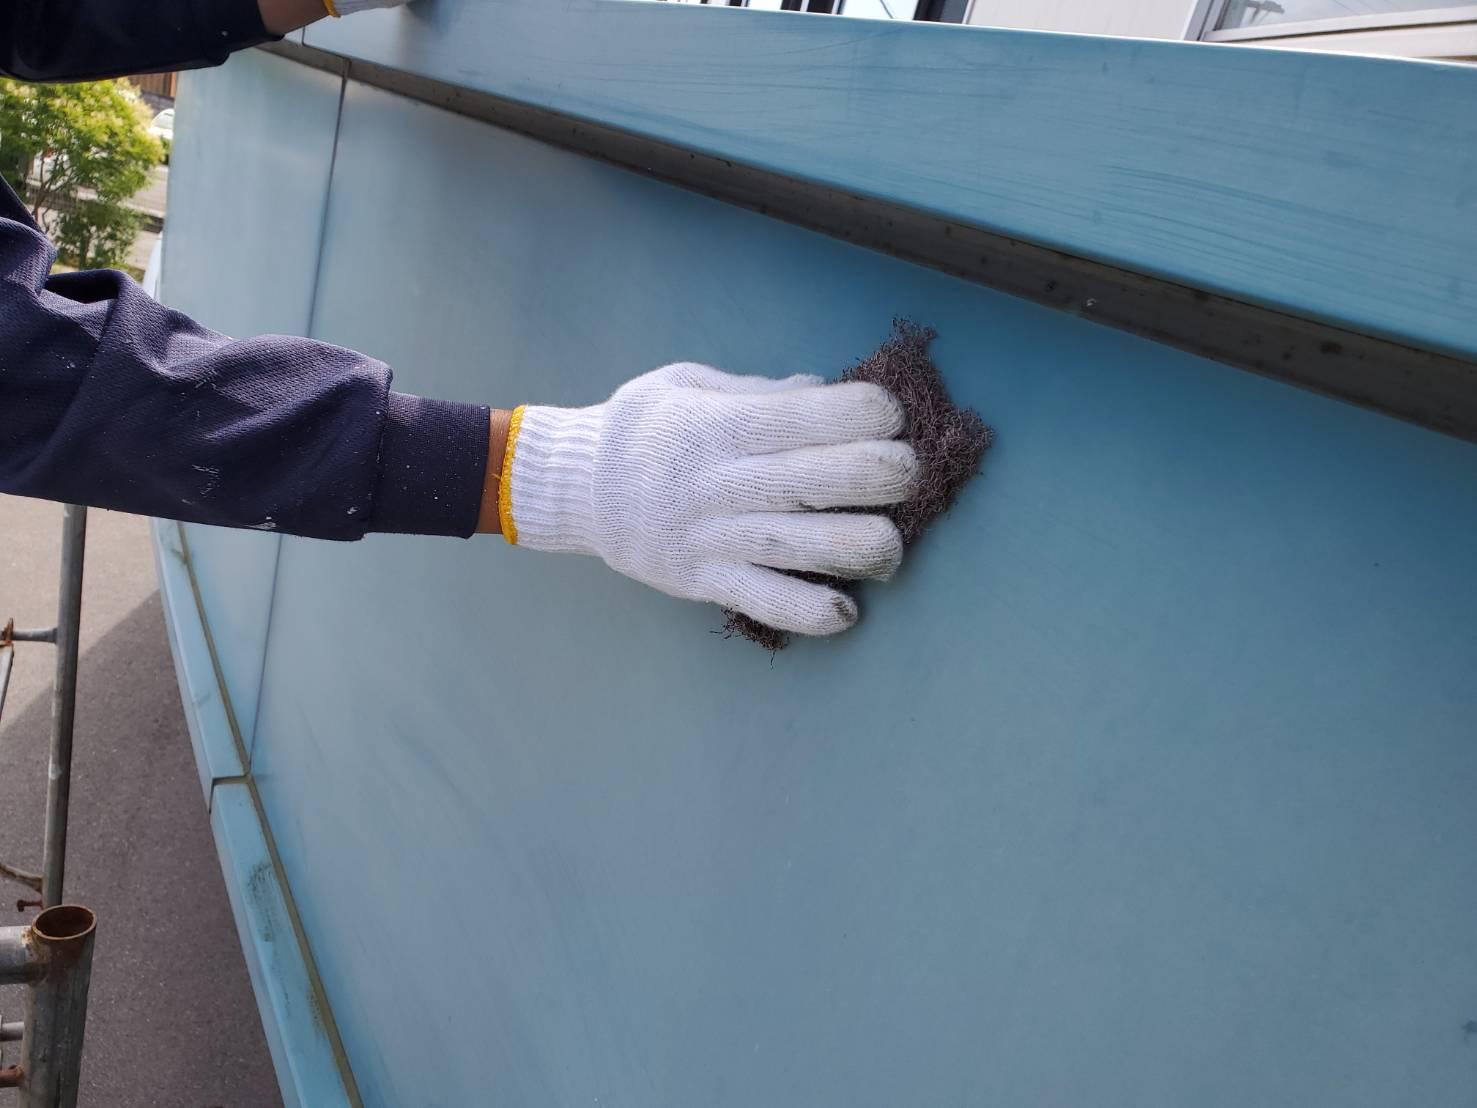 佐賀市 外壁塗装 ひろし 施工事例 施工日記 ケレン